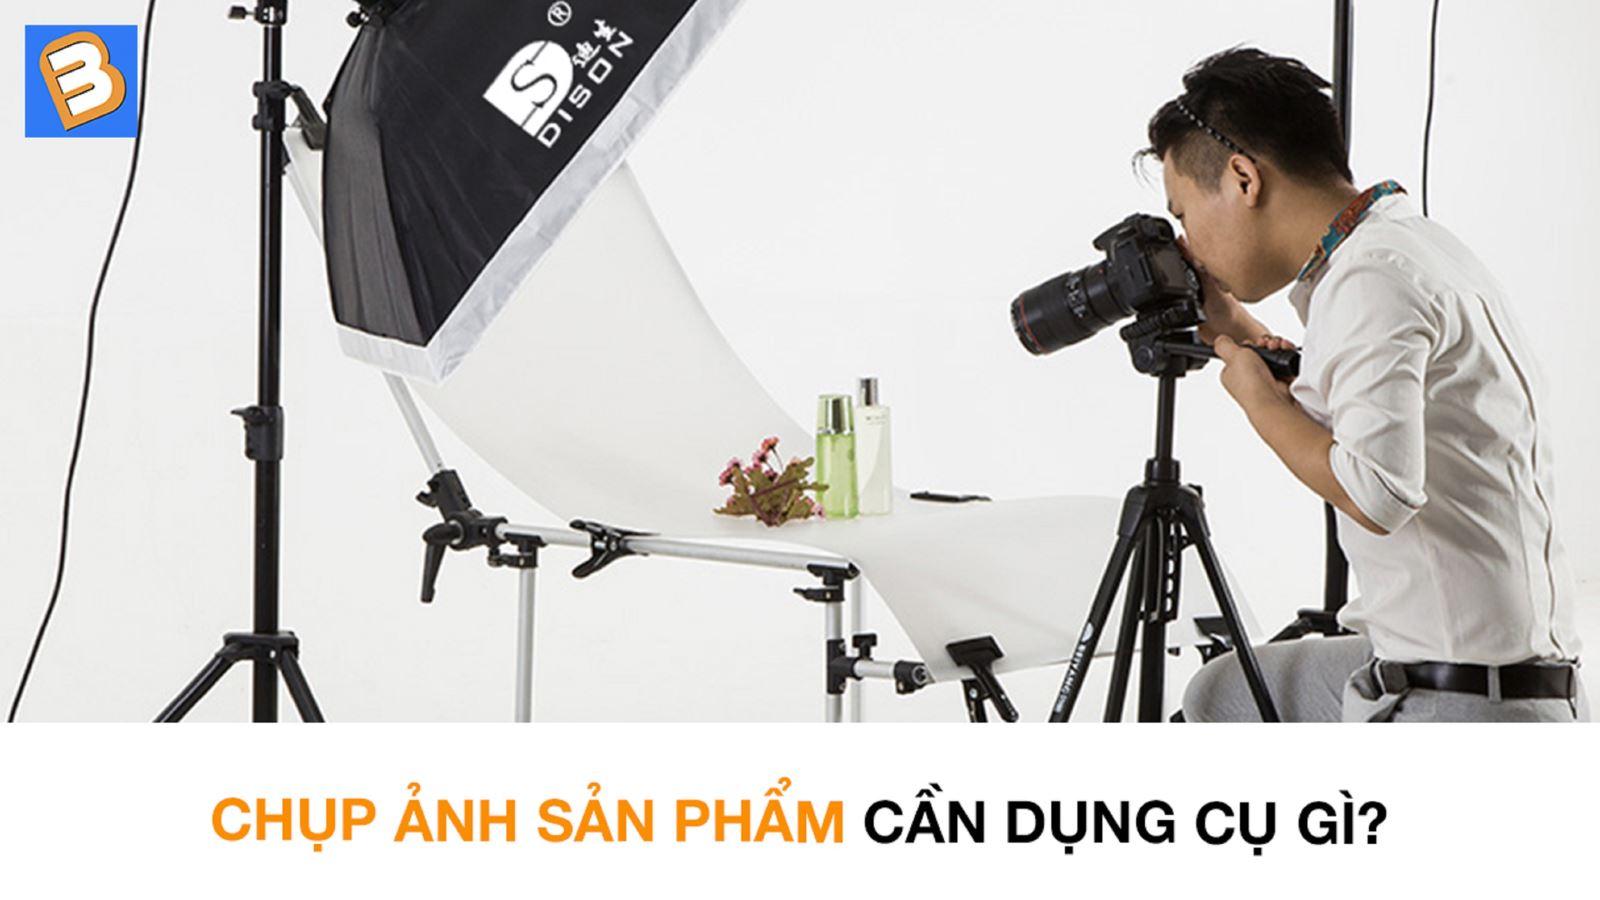 Chụp ảnh sản phẩm cần dụng cụ gì?